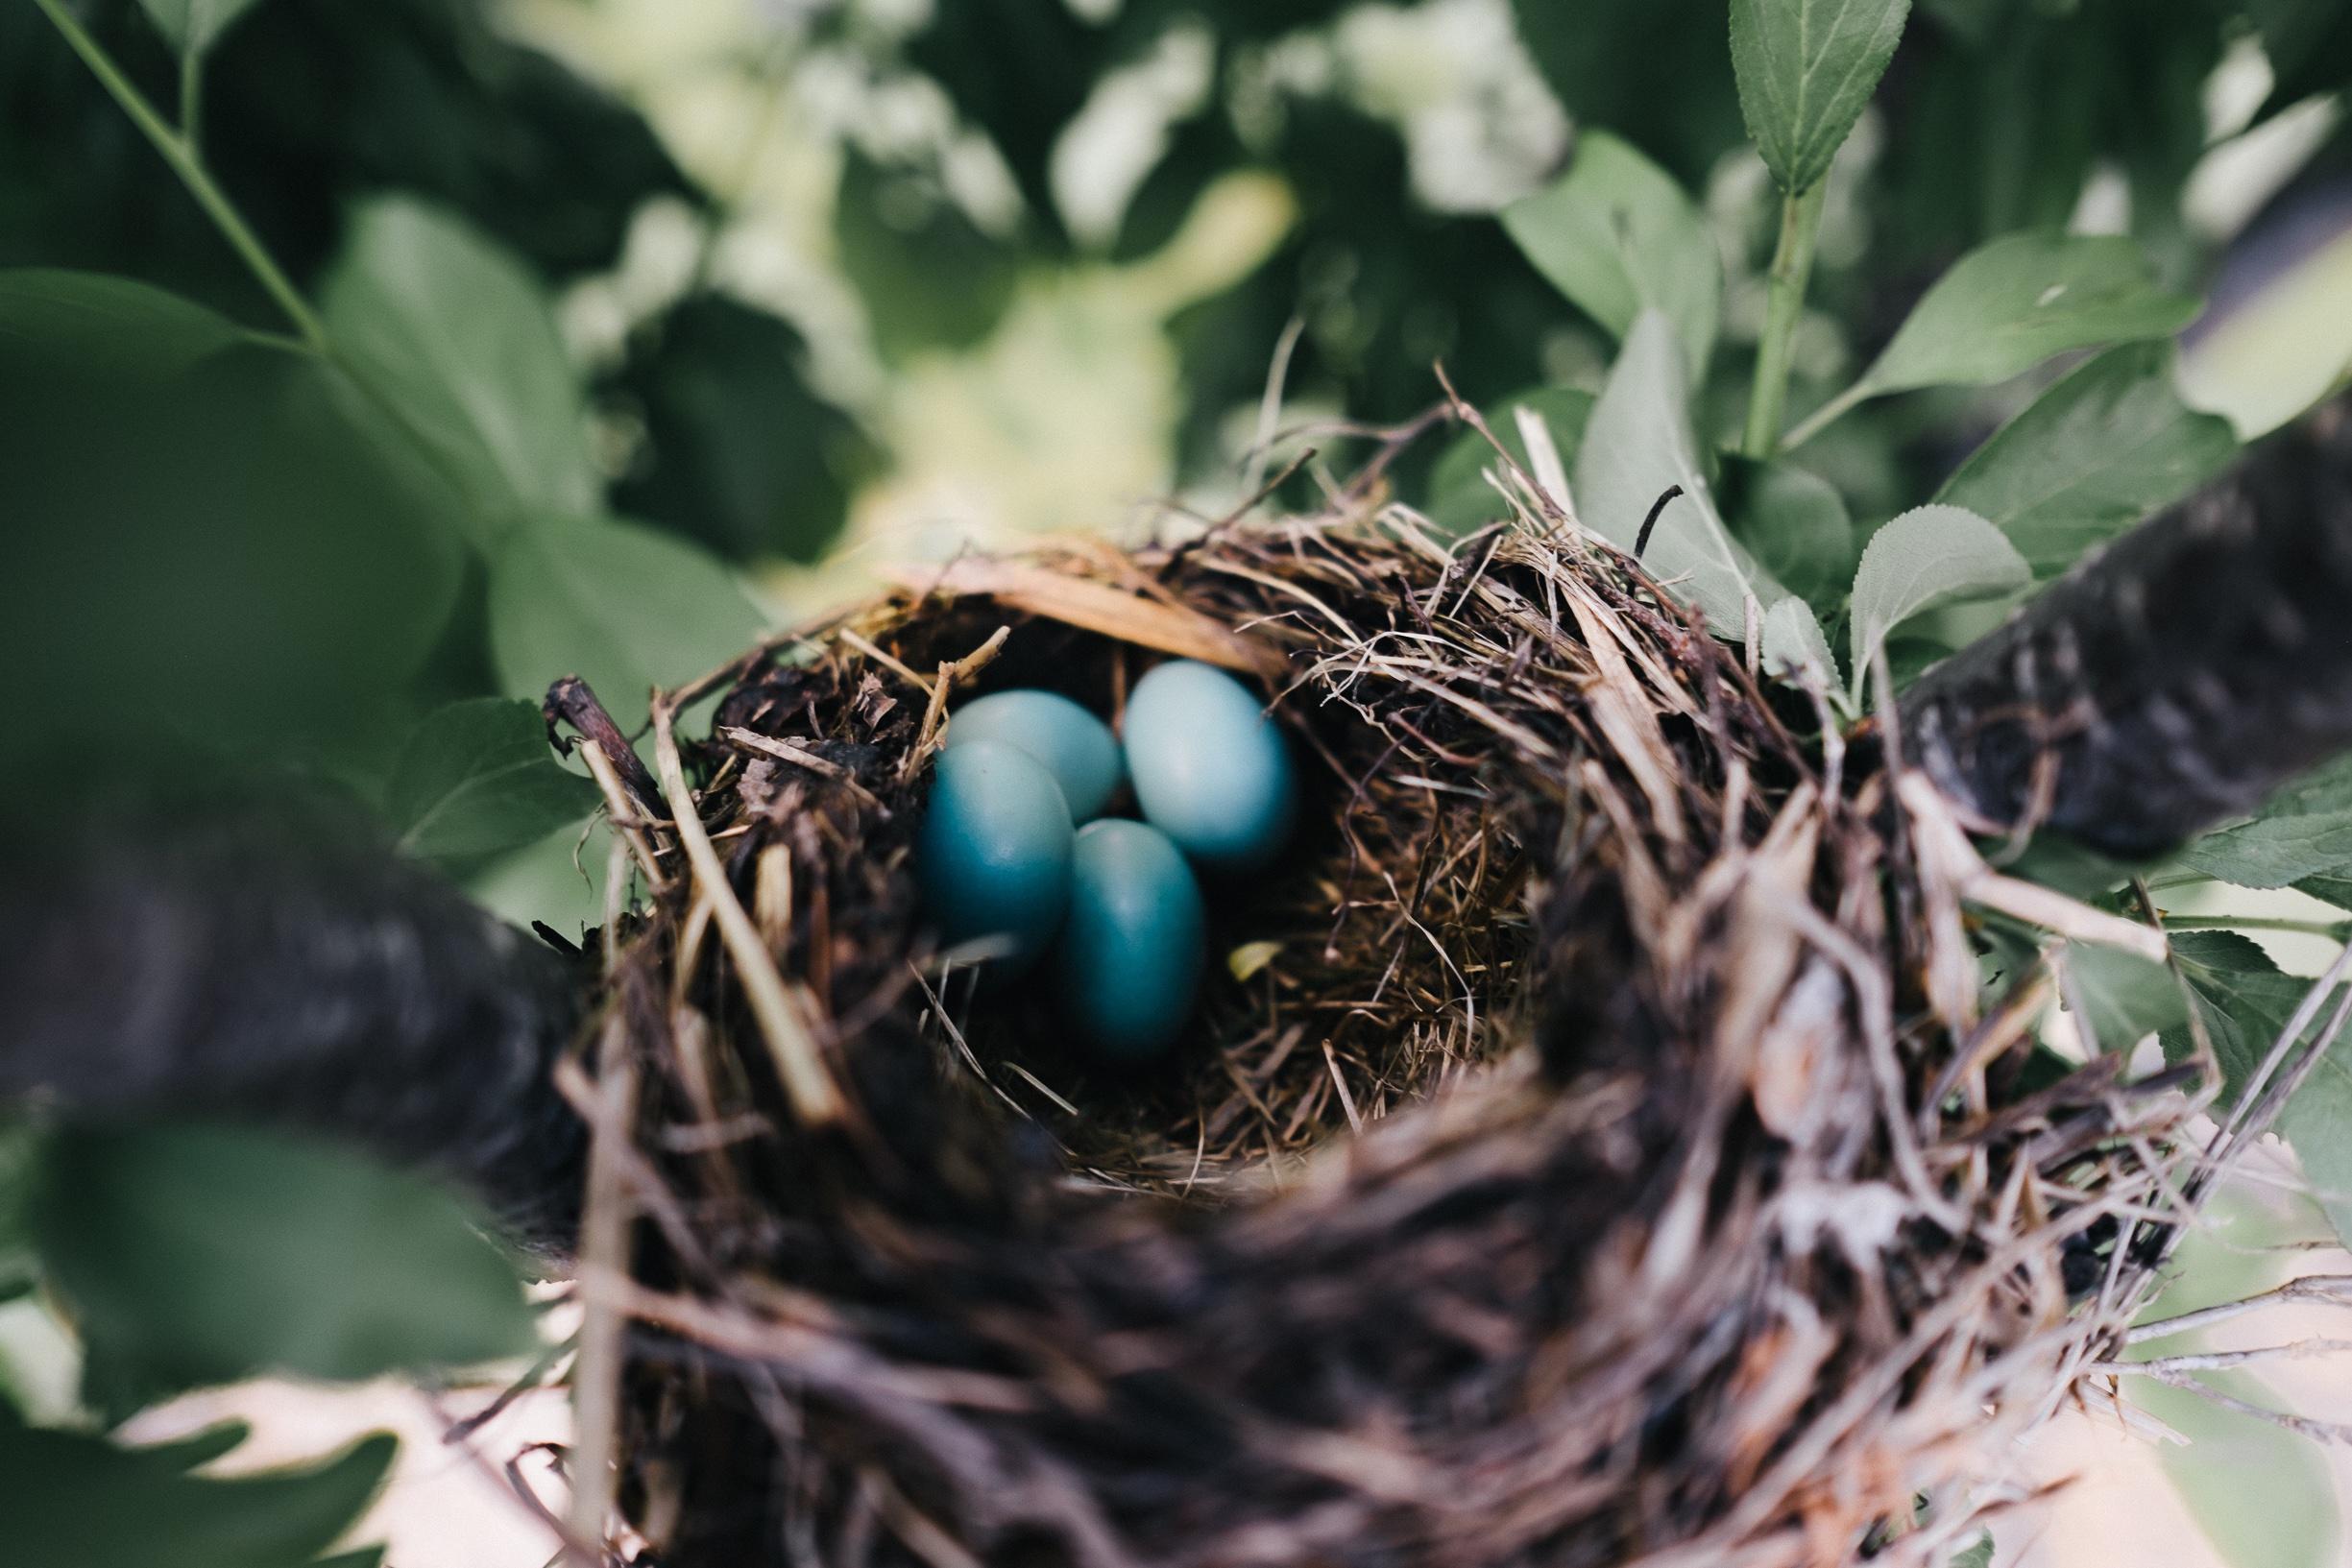 124799 Заставки и Обои Яйца на телефон. Скачать Природа, Яйца, Гнездо, Дрозд картинки бесплатно